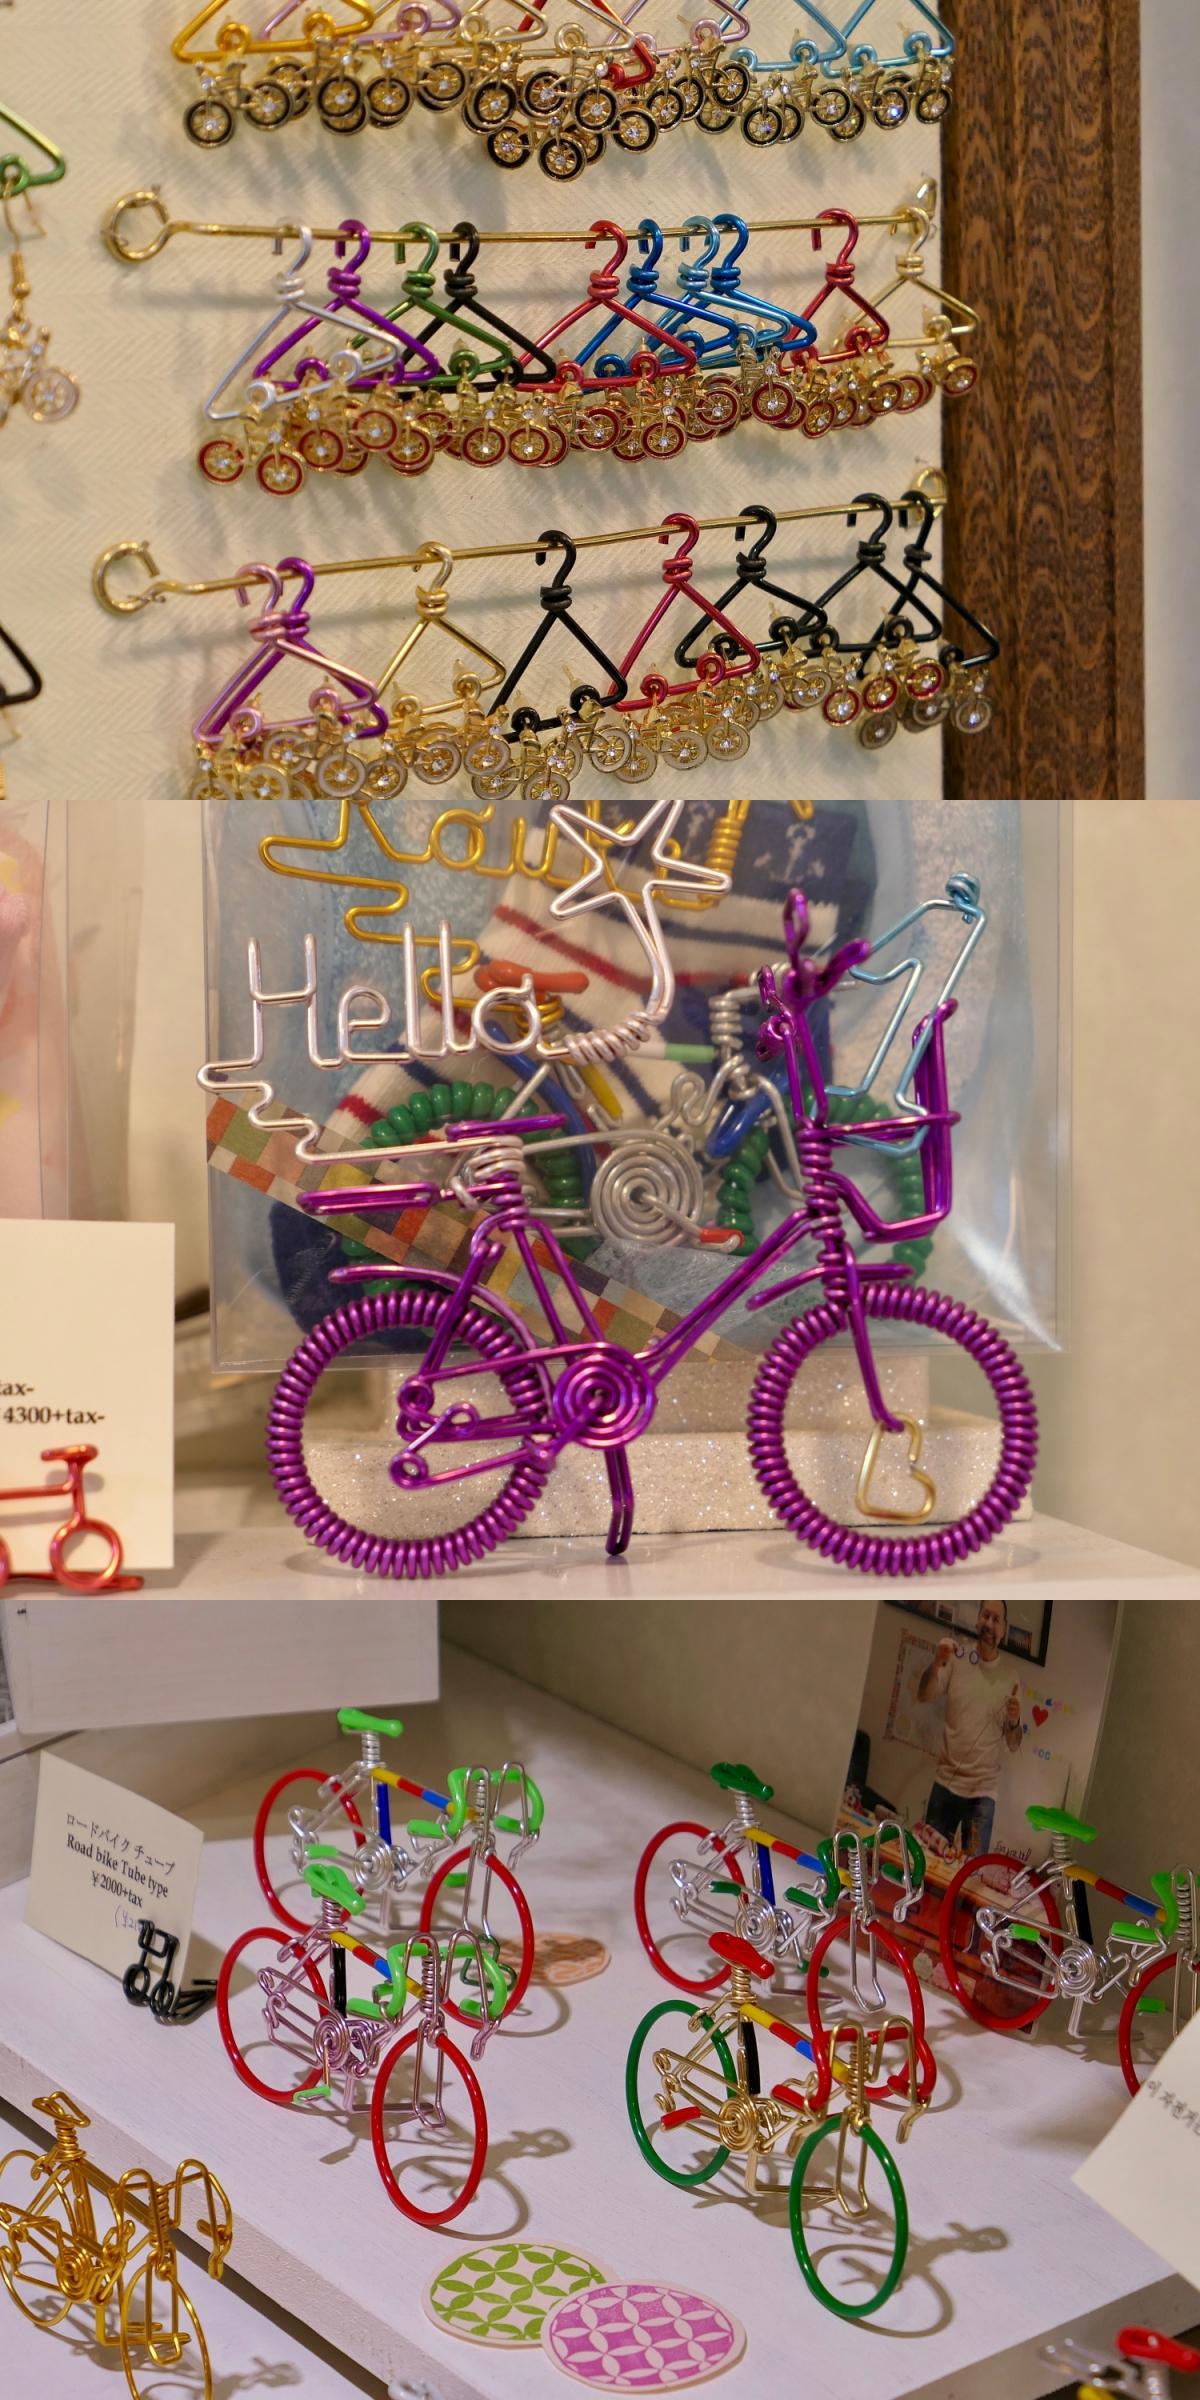 모든 제품에 자전거가 들어가 있다. ©생각노트